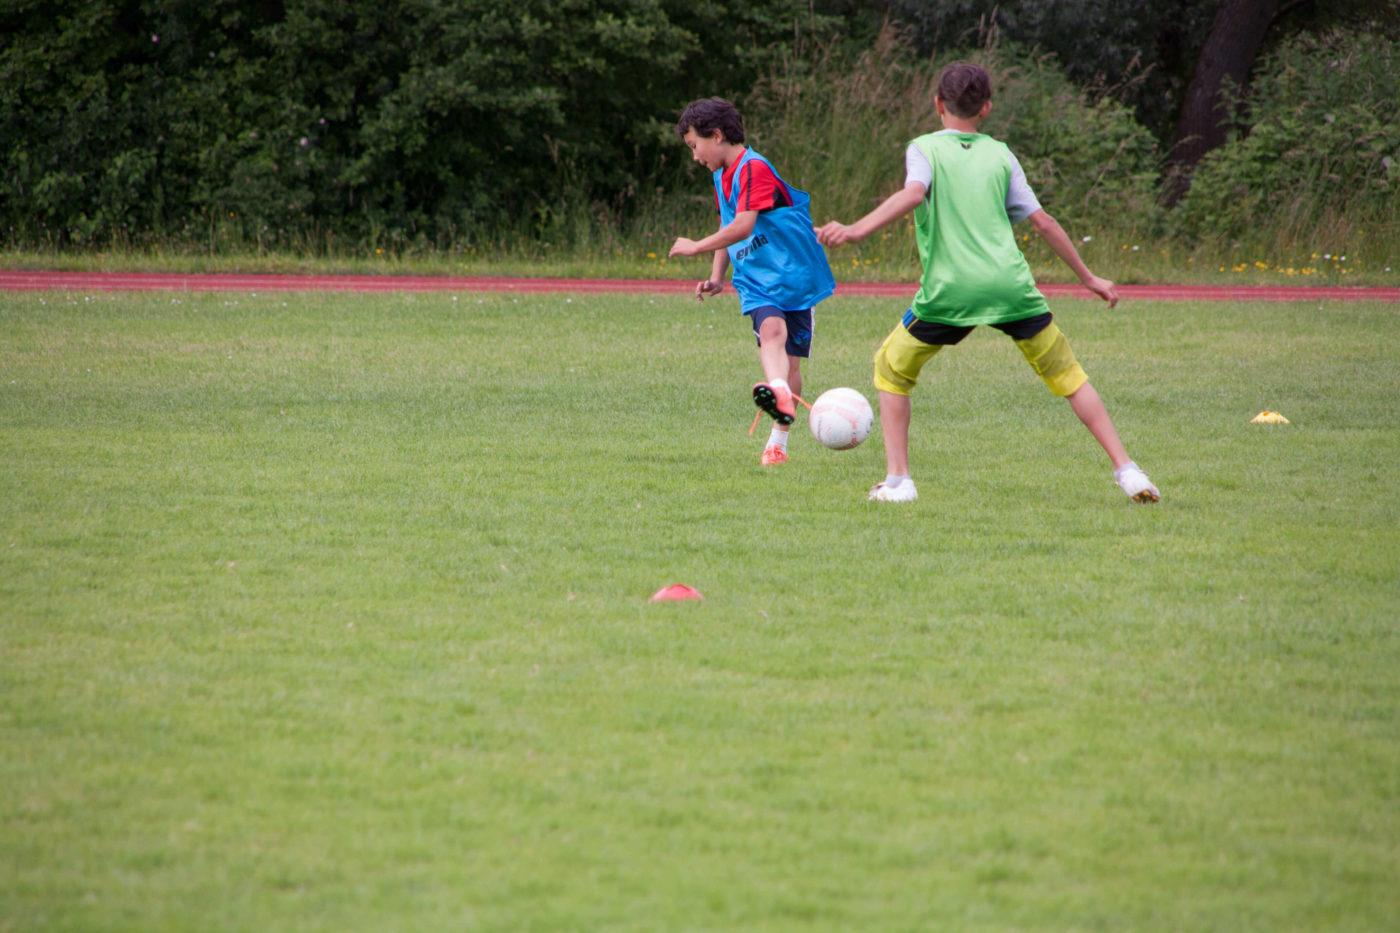 Die Fussballschule Alpenkick zeigt Videoanalysen von Trainingseinheiten und Spielen